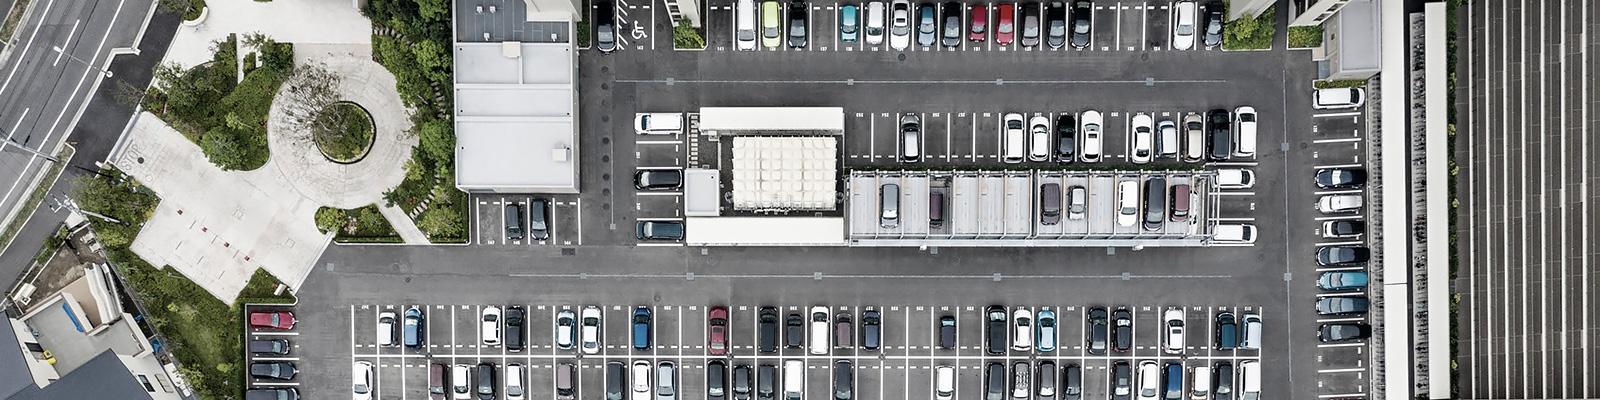 都市 自動車 ドローン 空撮 イメージ